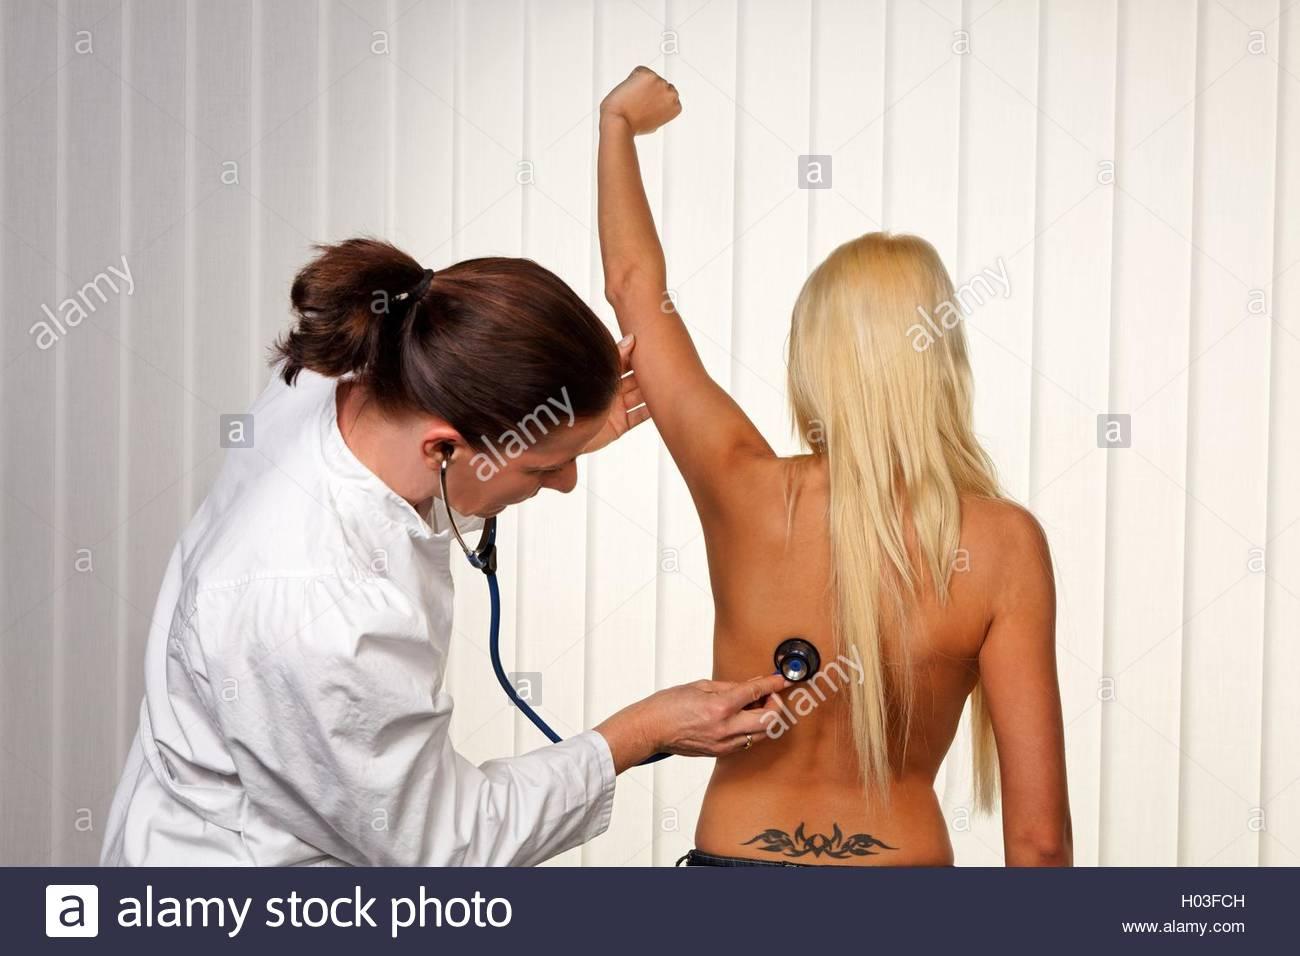 обыск голой женщины осмотр врача фото - 13